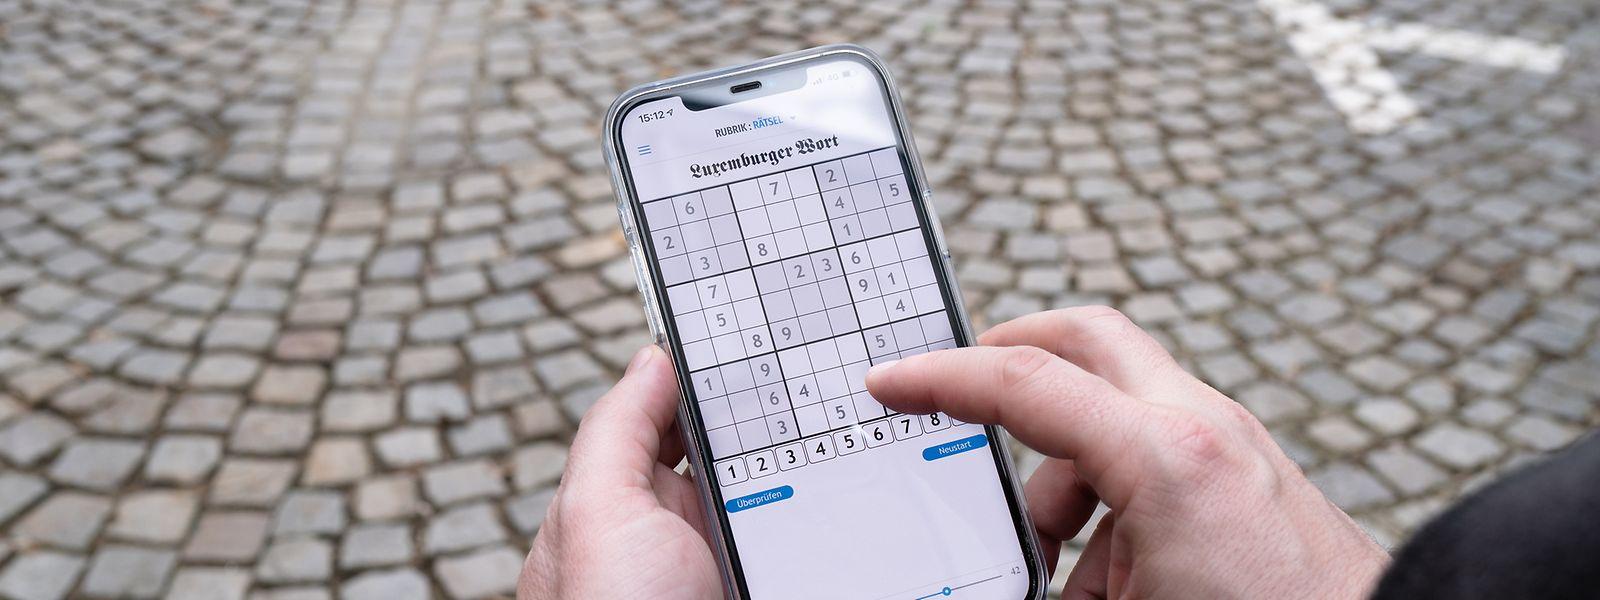 Die Rätsel wie z.B. das Sudoku können auch im sogenannten Offline-Modus – also ohne eine Internetverbindung – ausgefüllt werden.